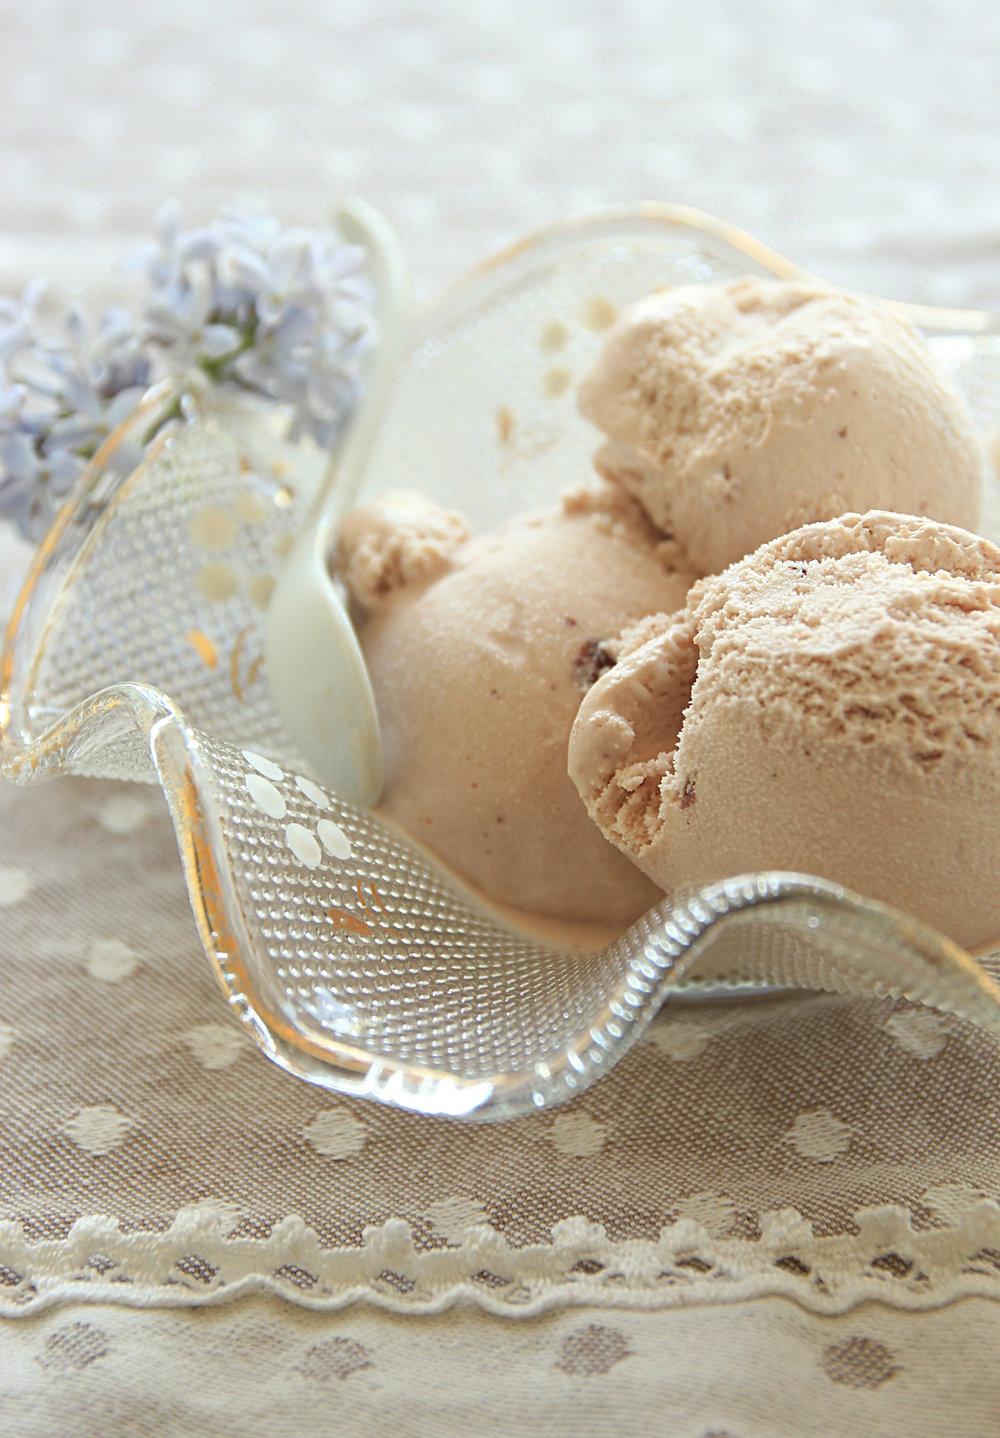 gelato alla nocciola